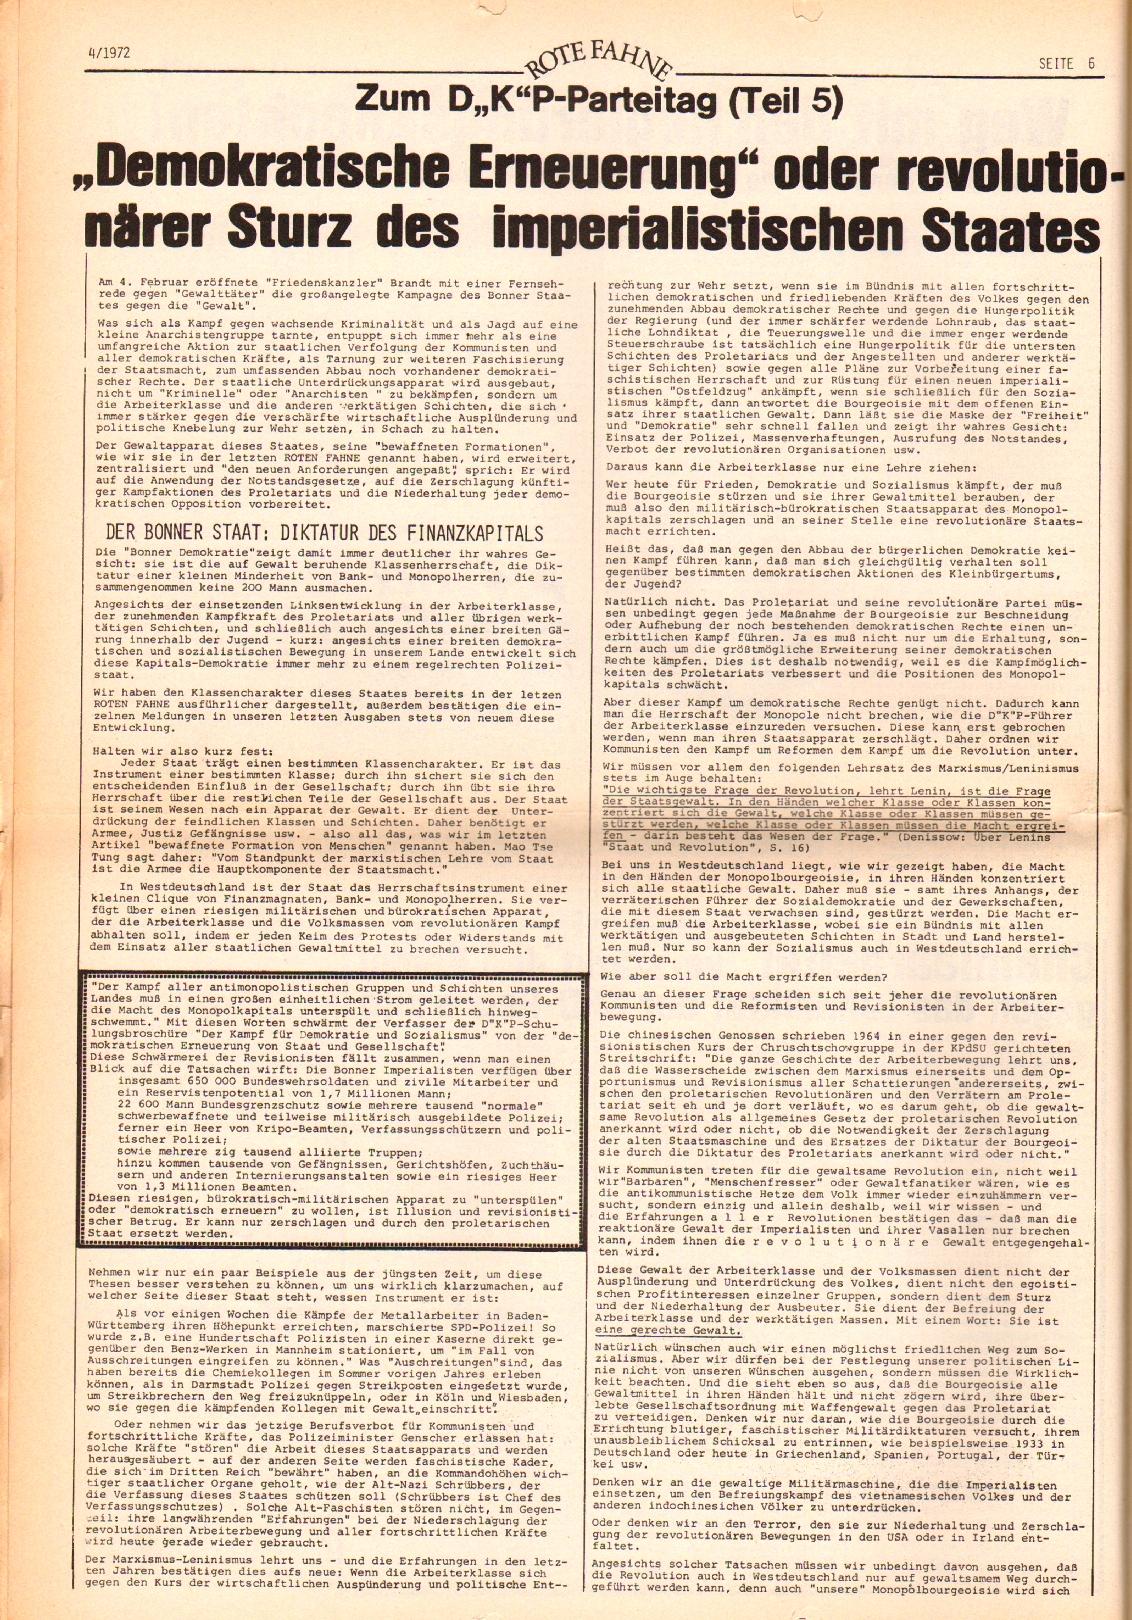 Rote Fahne, 3. Jg., 21.2.1972, Nr. 4, Seite 6